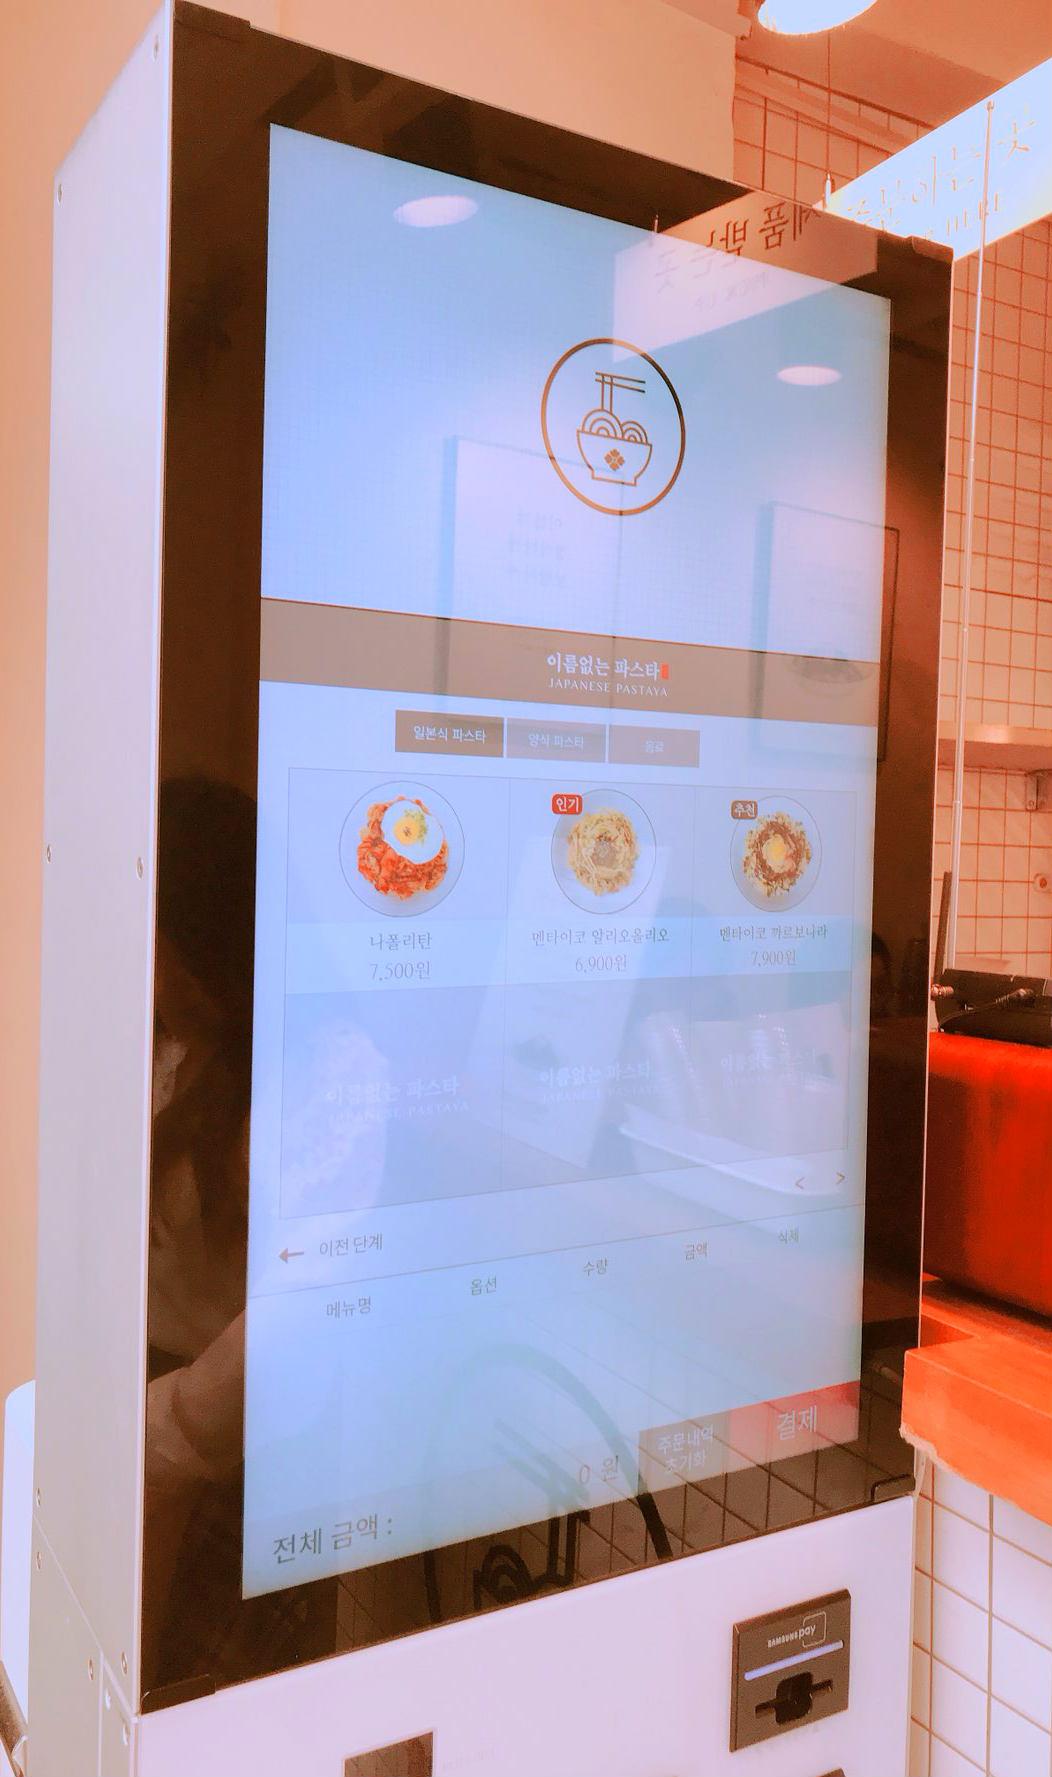 點餐方式非常特別,必須自己使用機器點選並投入紙幣。所以如果發現進去後沒人招呼你,也不要感到奇怪,因為全都是自動化的喔!